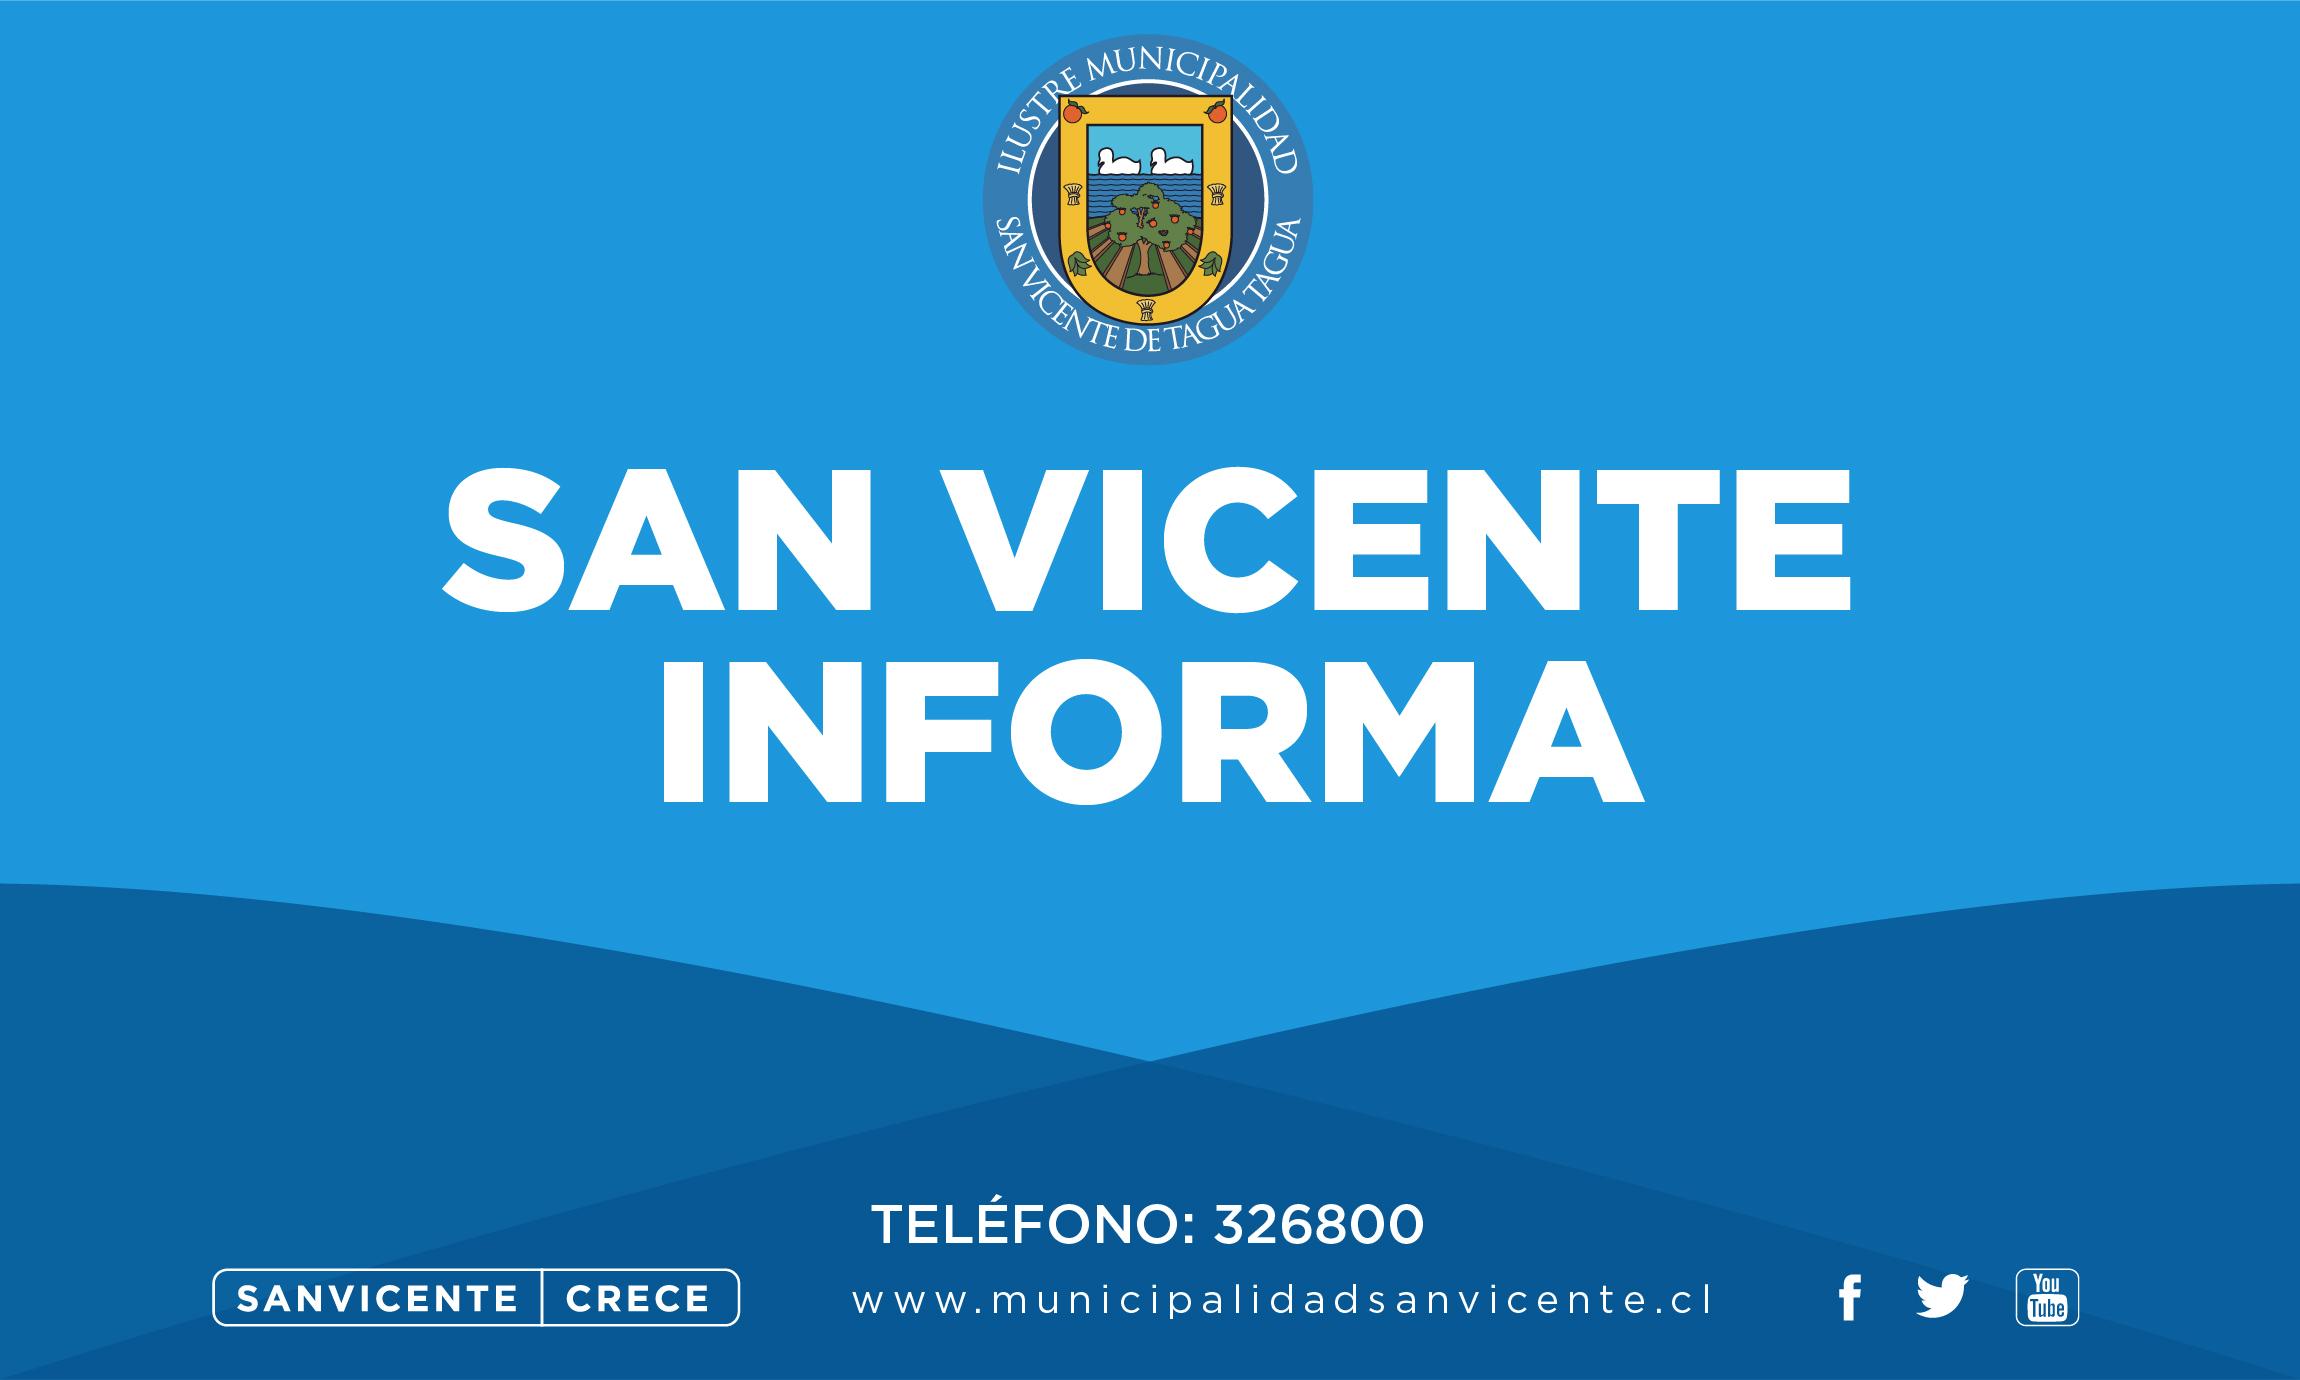 OFICINA DE TURISMO EXTIENDE SU HORARIO DE ATENCIÓN PARA ESTE SÁBADO 11 DE ENERO